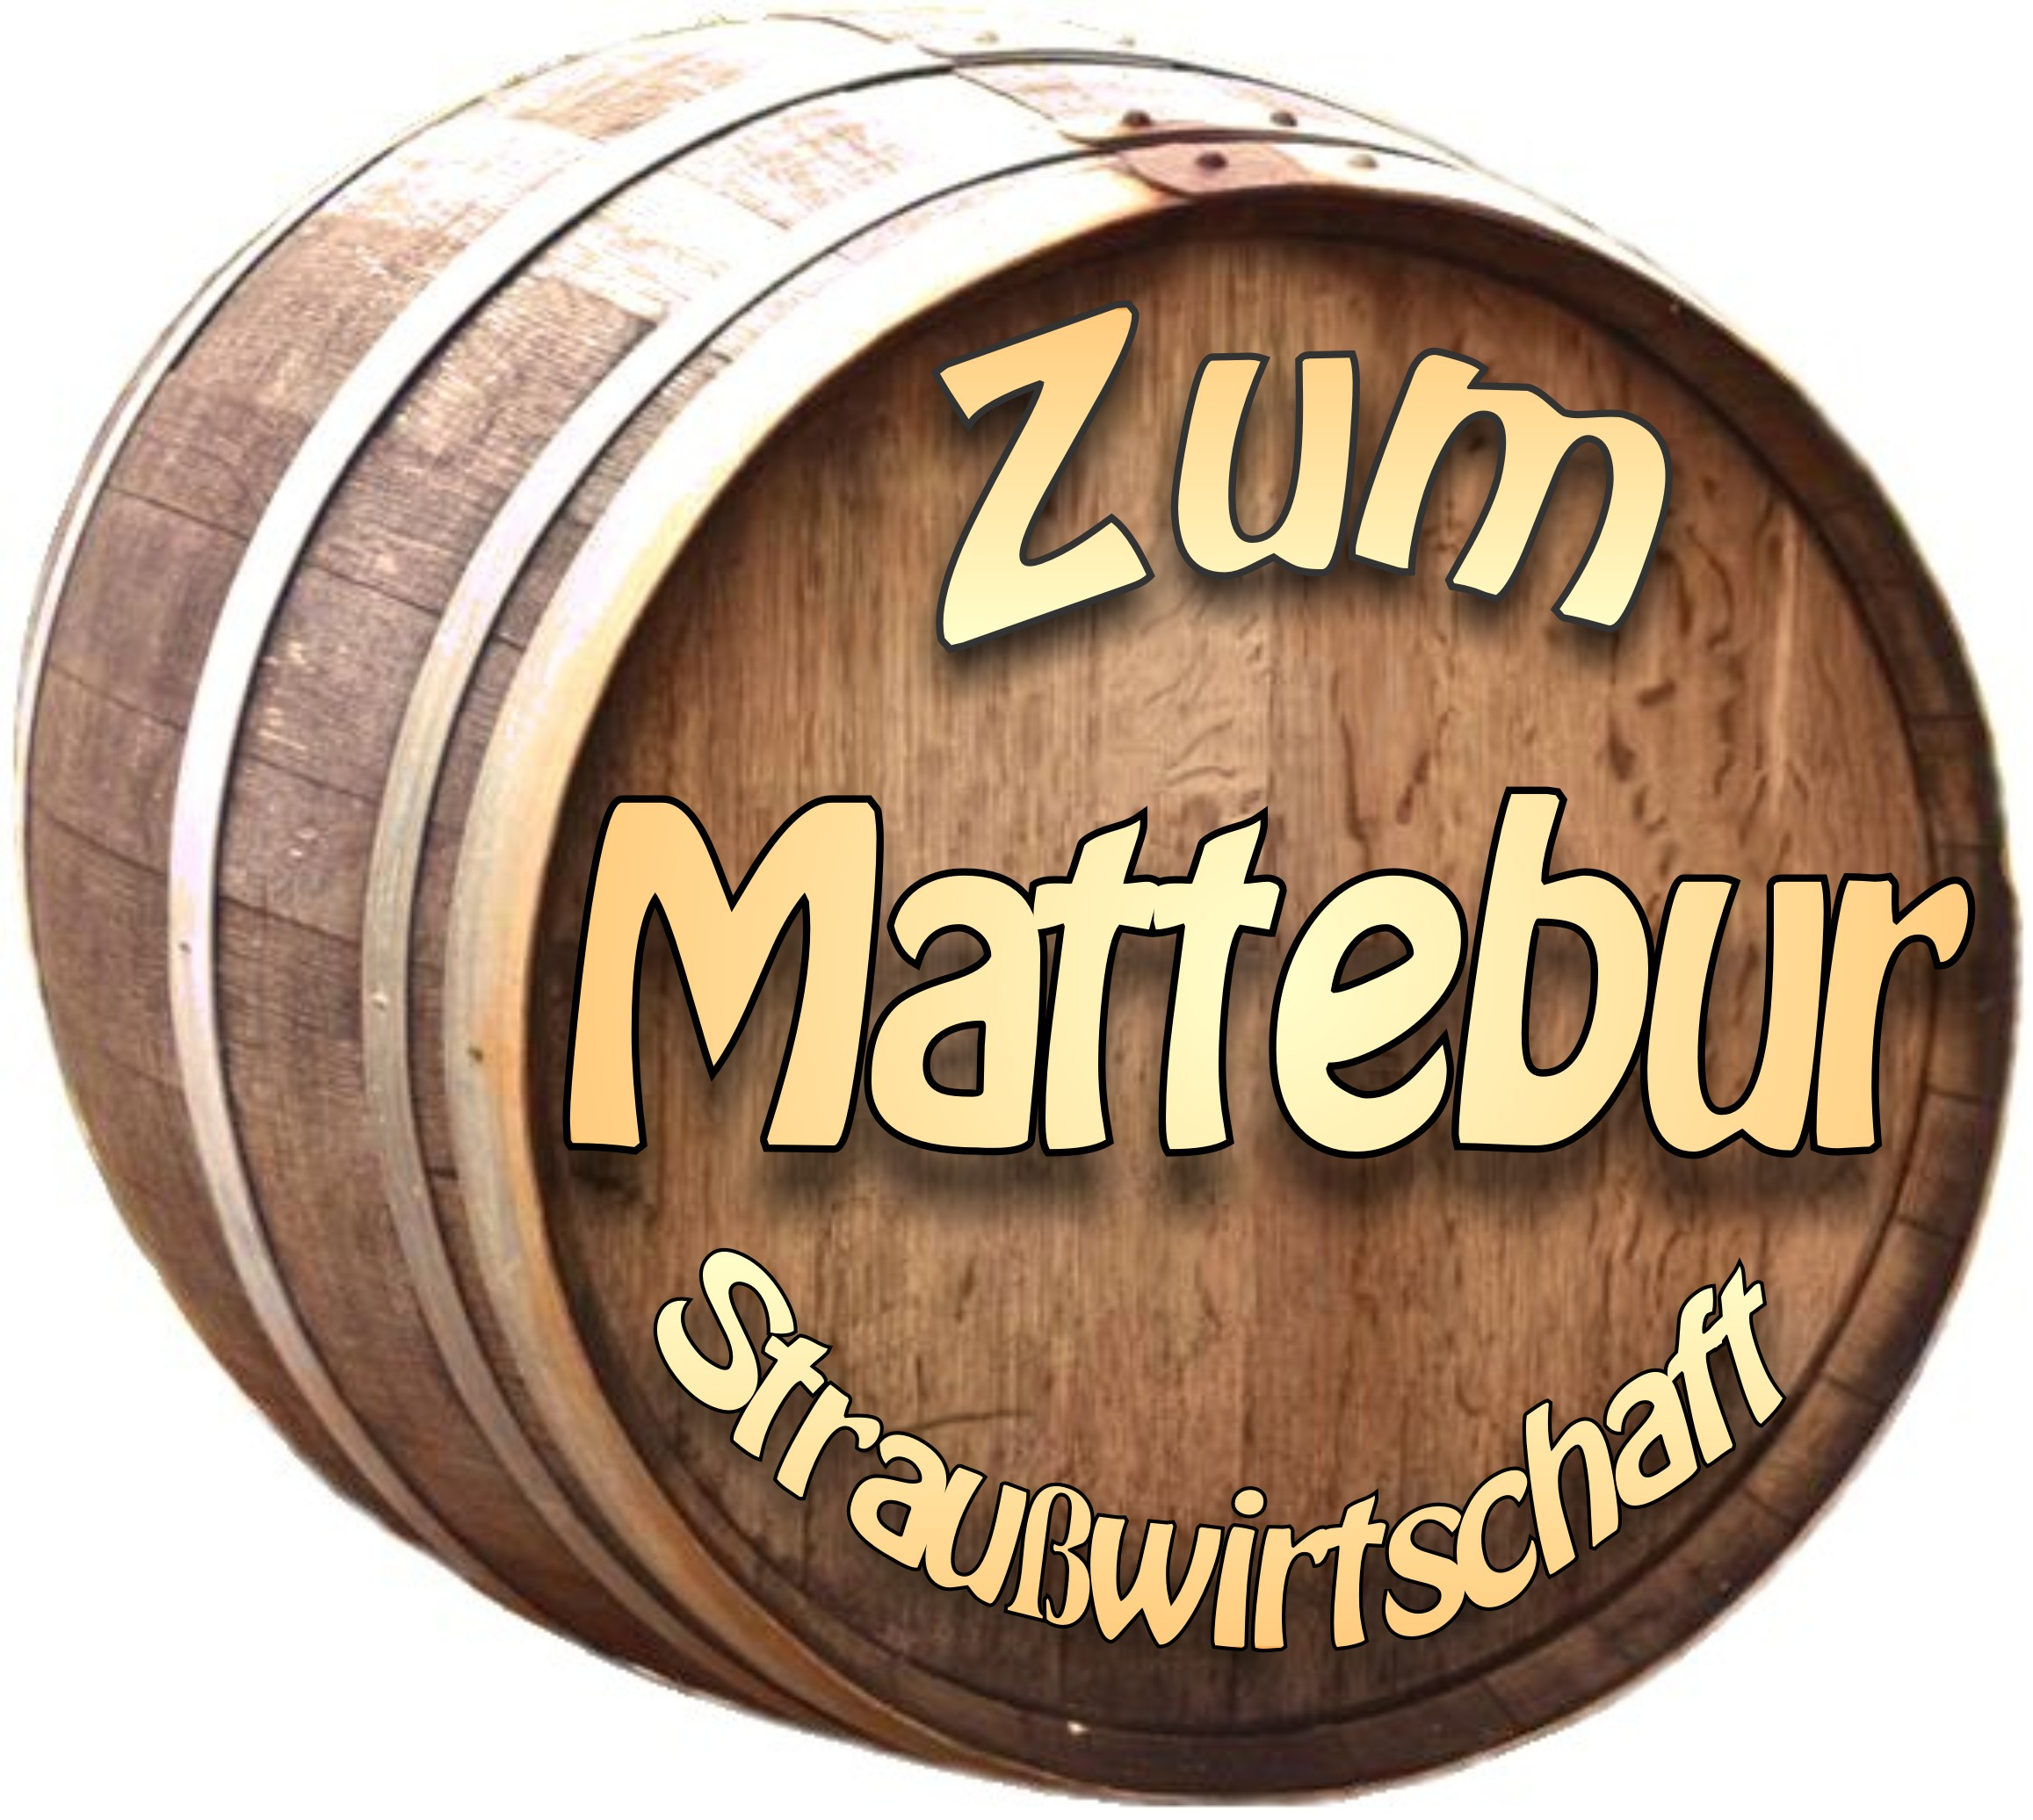 Zum Mattebur Straußwirtschaft Offenburg